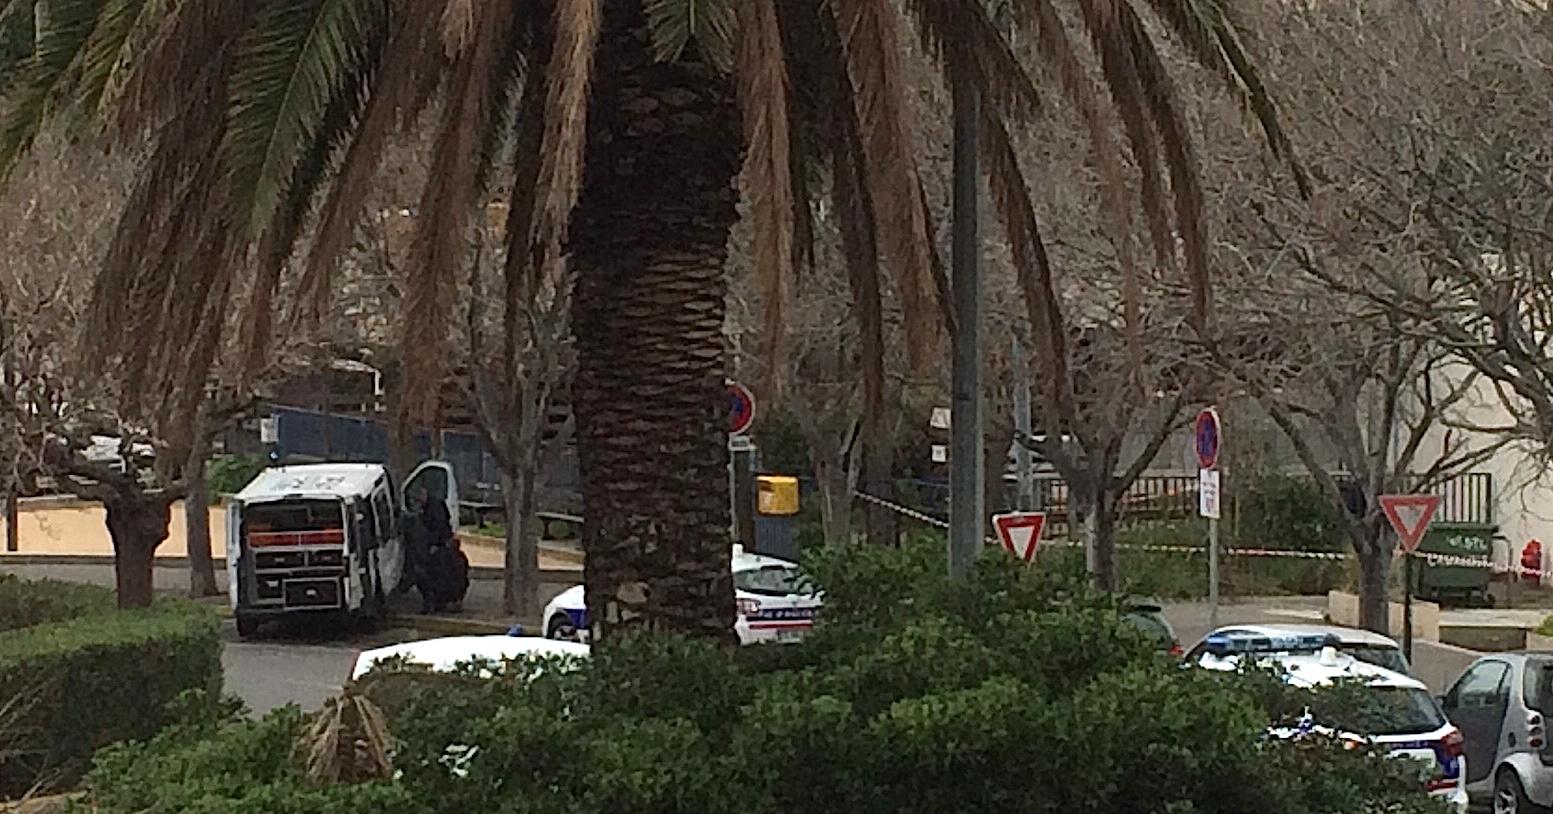 Bastia : Bagage abandonné à la gare. Les démineurs interviennent